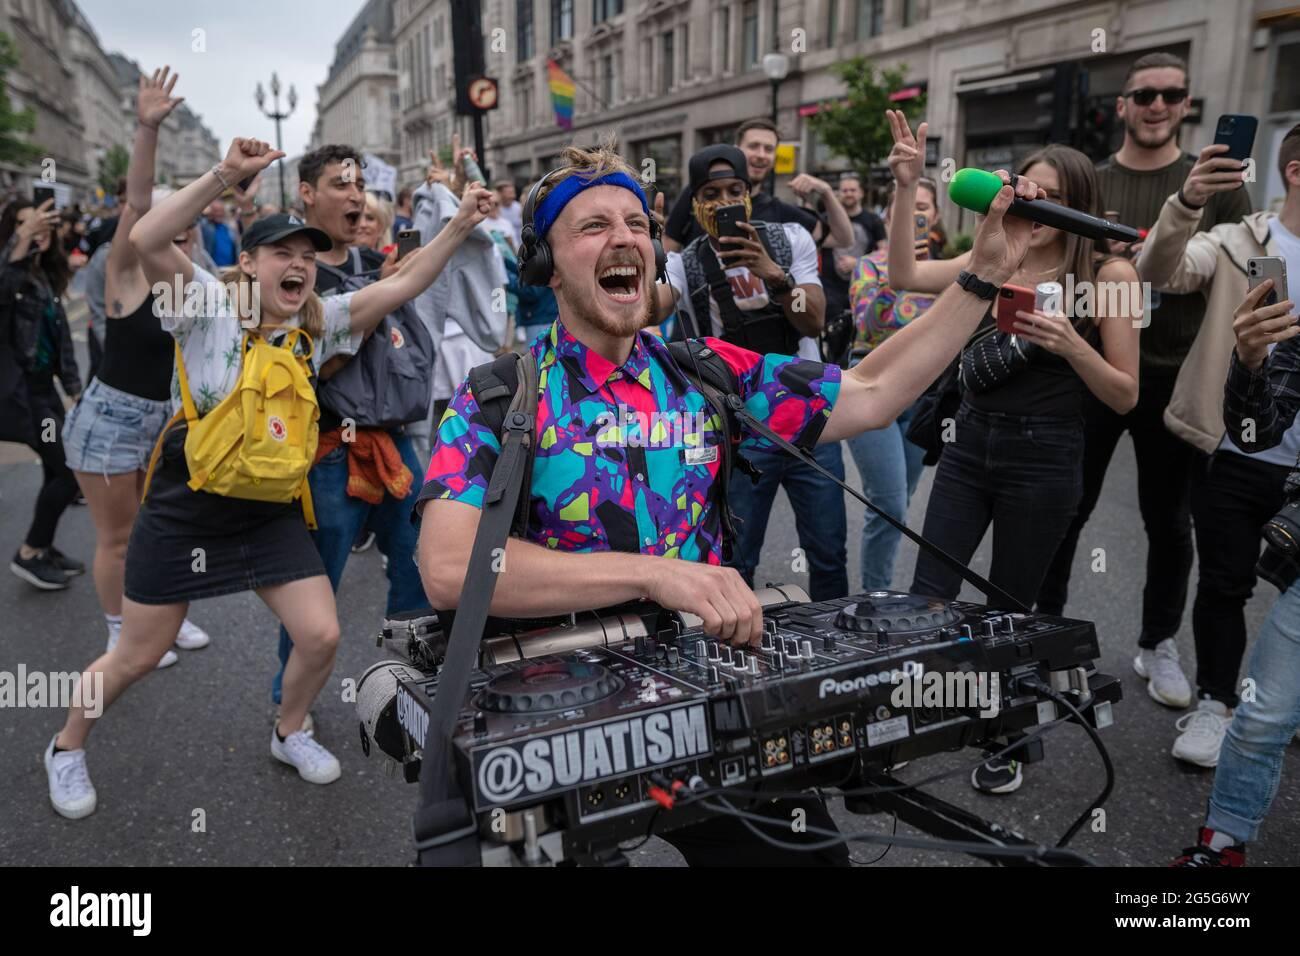 Londra, Regno Unito. 27 giugno 2021. La libertà di ballare marcia. Centinaia di amanti della musica e della danza si riuniscono nei pressi della sede centrale della BBC per protestare e mostrare sostegno alle industrie britanniche per la vita notturna e gli eventi dal vivo mentre il settore lotta per la sopravvivenza di fronte a continue restrizioni. La marcia di protesta di FREEDOMTODANCE è stata organizzata da Save Our Scene UK e LetUsDance. Credit: Guy Corbishley/Alamy Live News Foto Stock